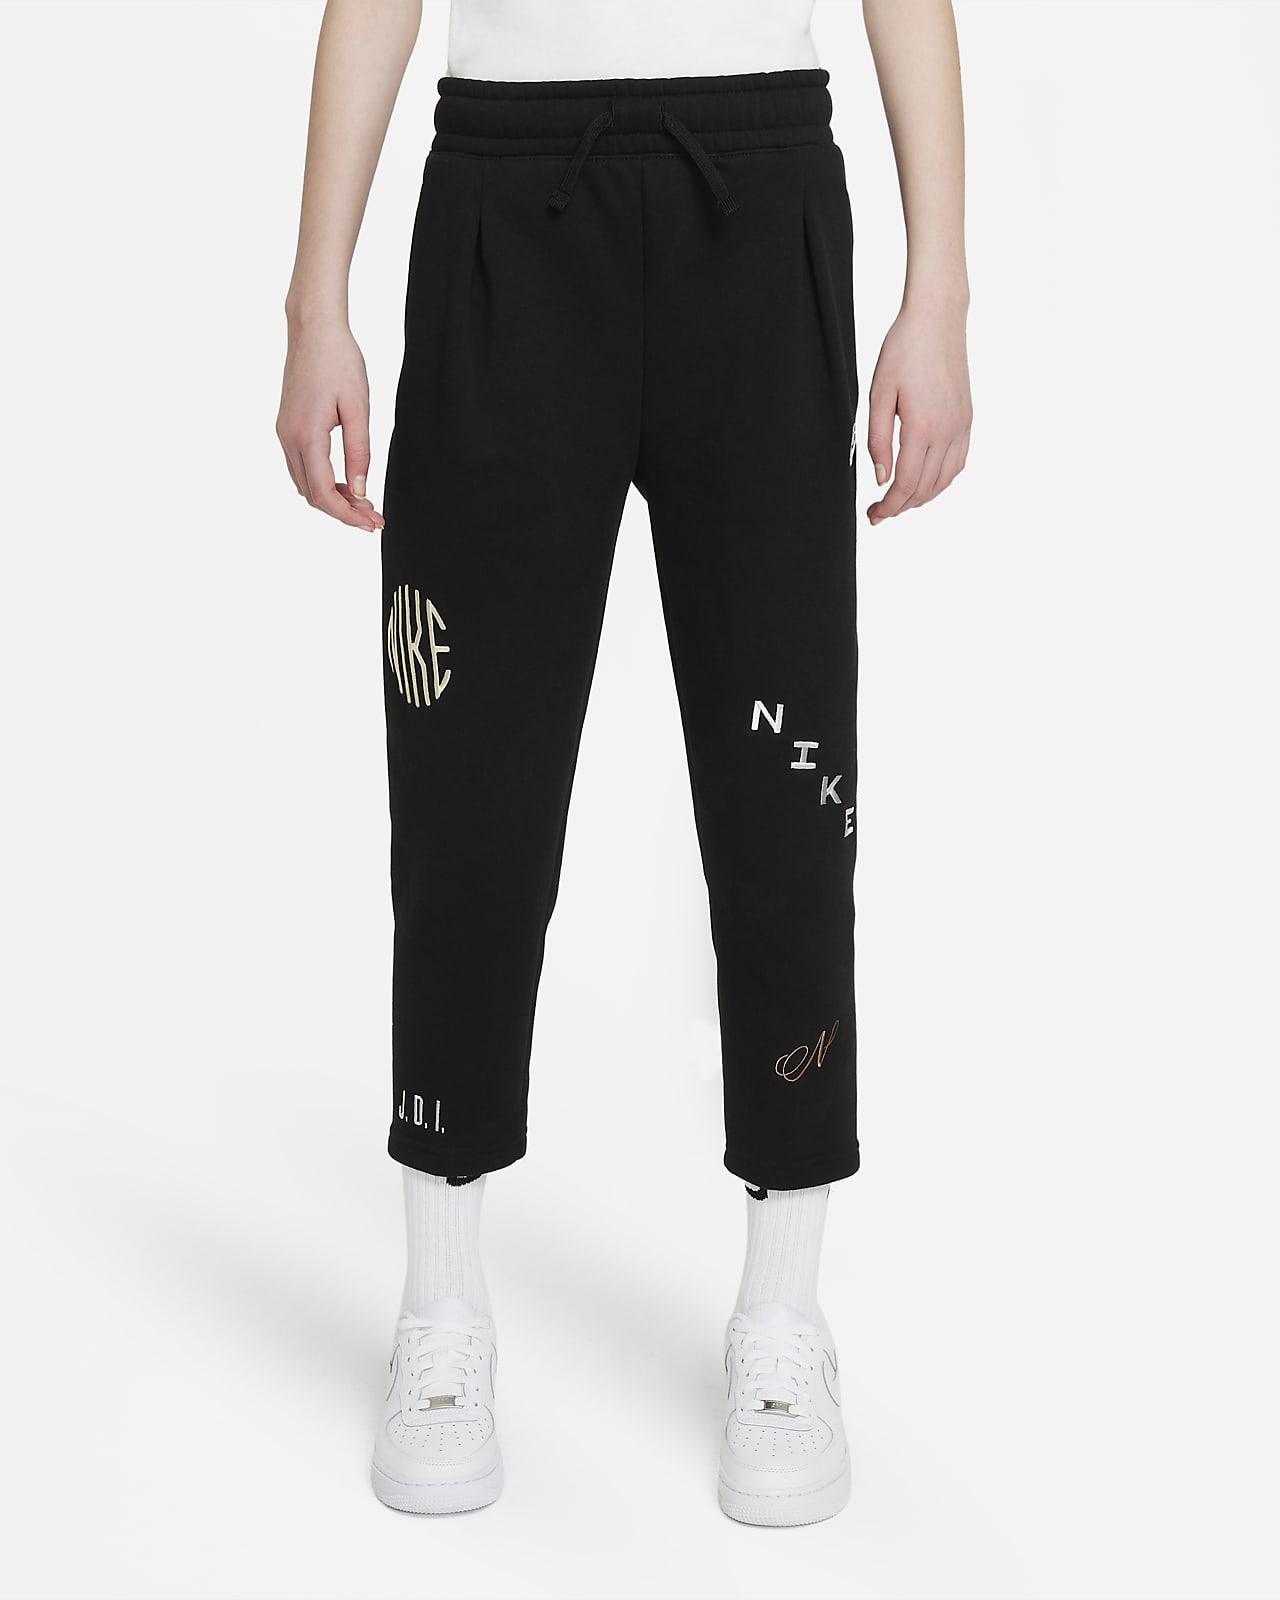 Nike Sportswear Older Kids' (Girls') Crop Trousers